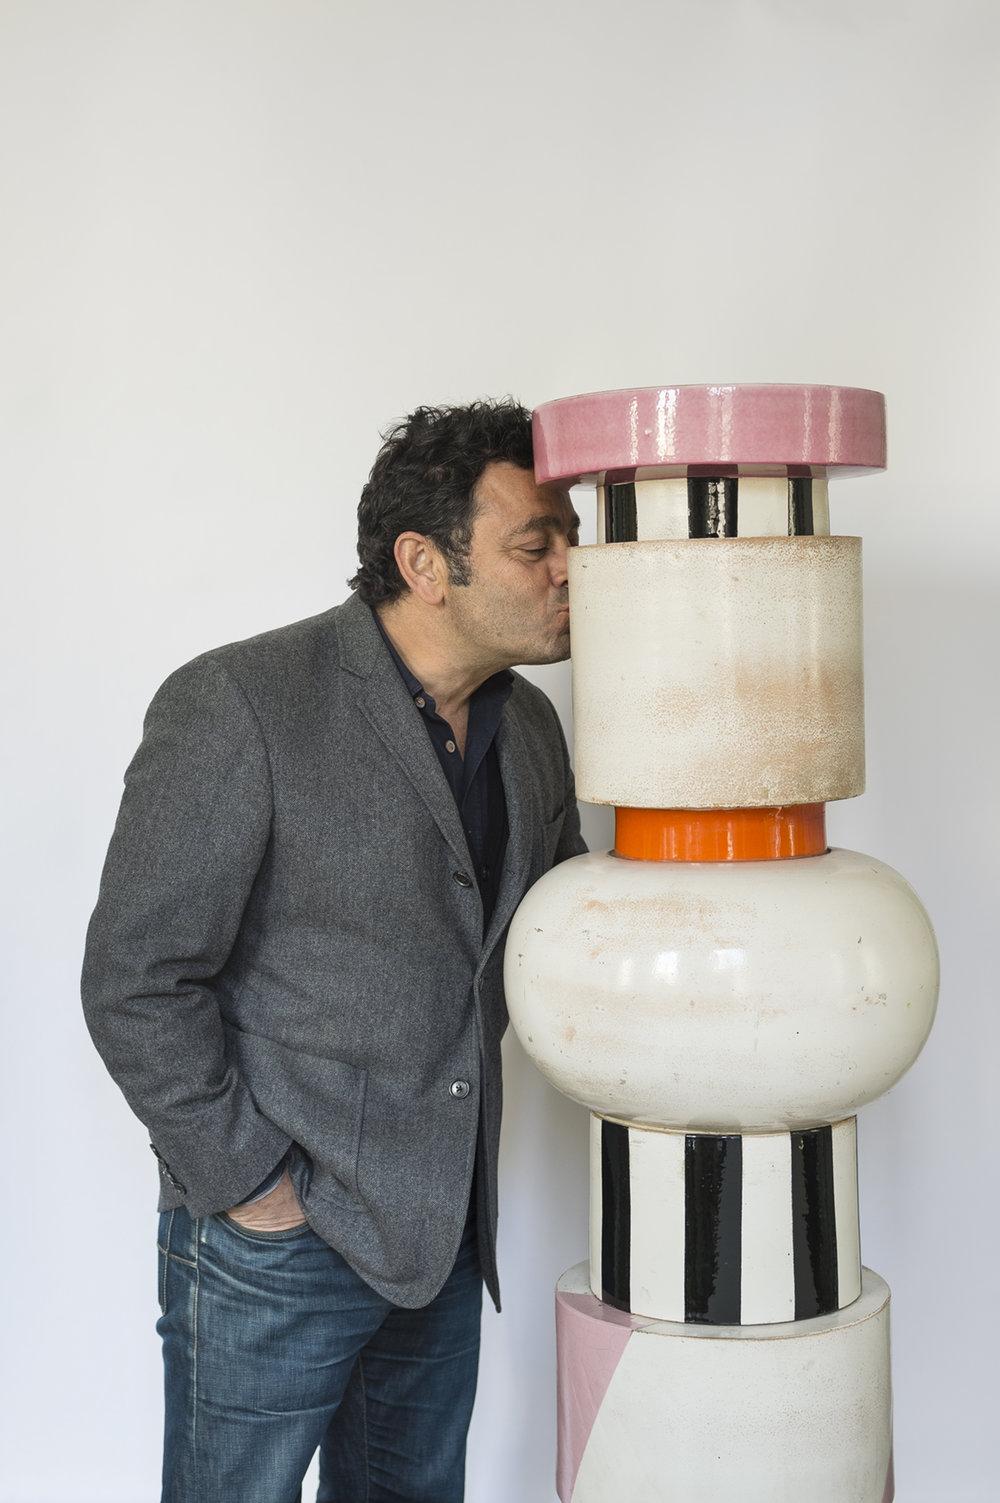 Charles embrassant le Totem Grande Vaso afrodisiaco per conservare pillole antifecondative, designé par Ettore Sottsass en 1964 © Jacques Pépion.jpg